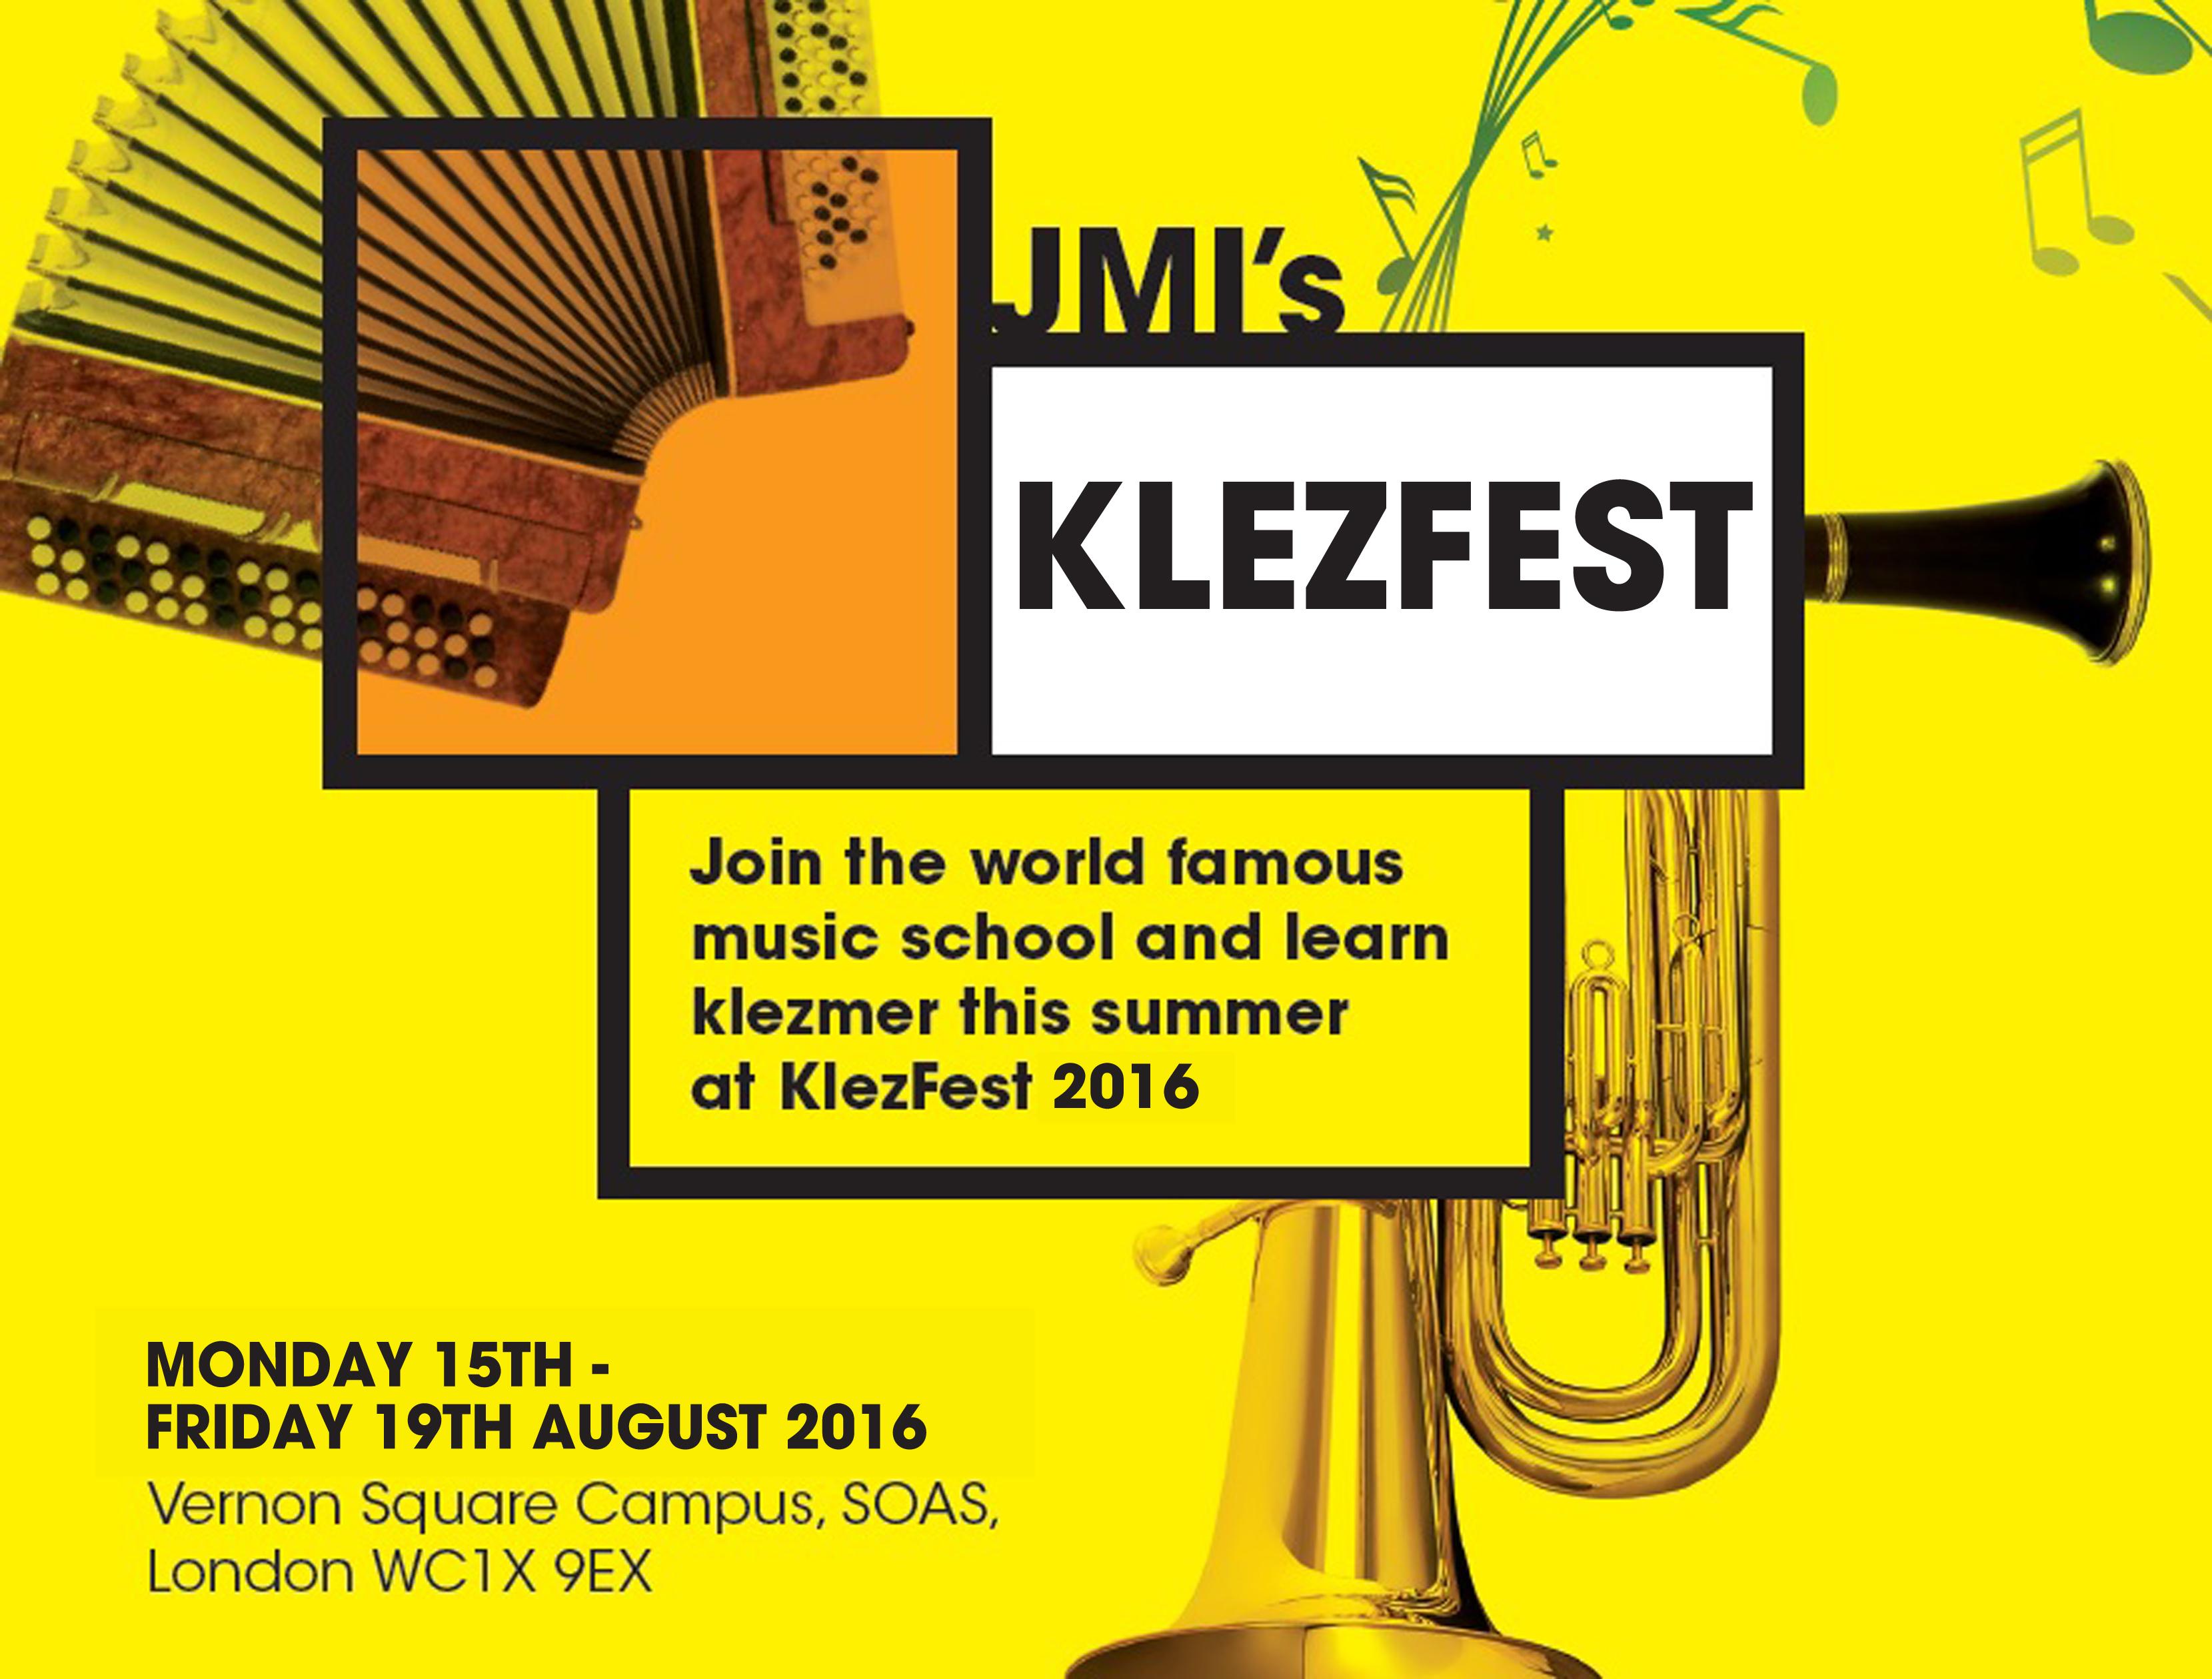 Klezfest 2016